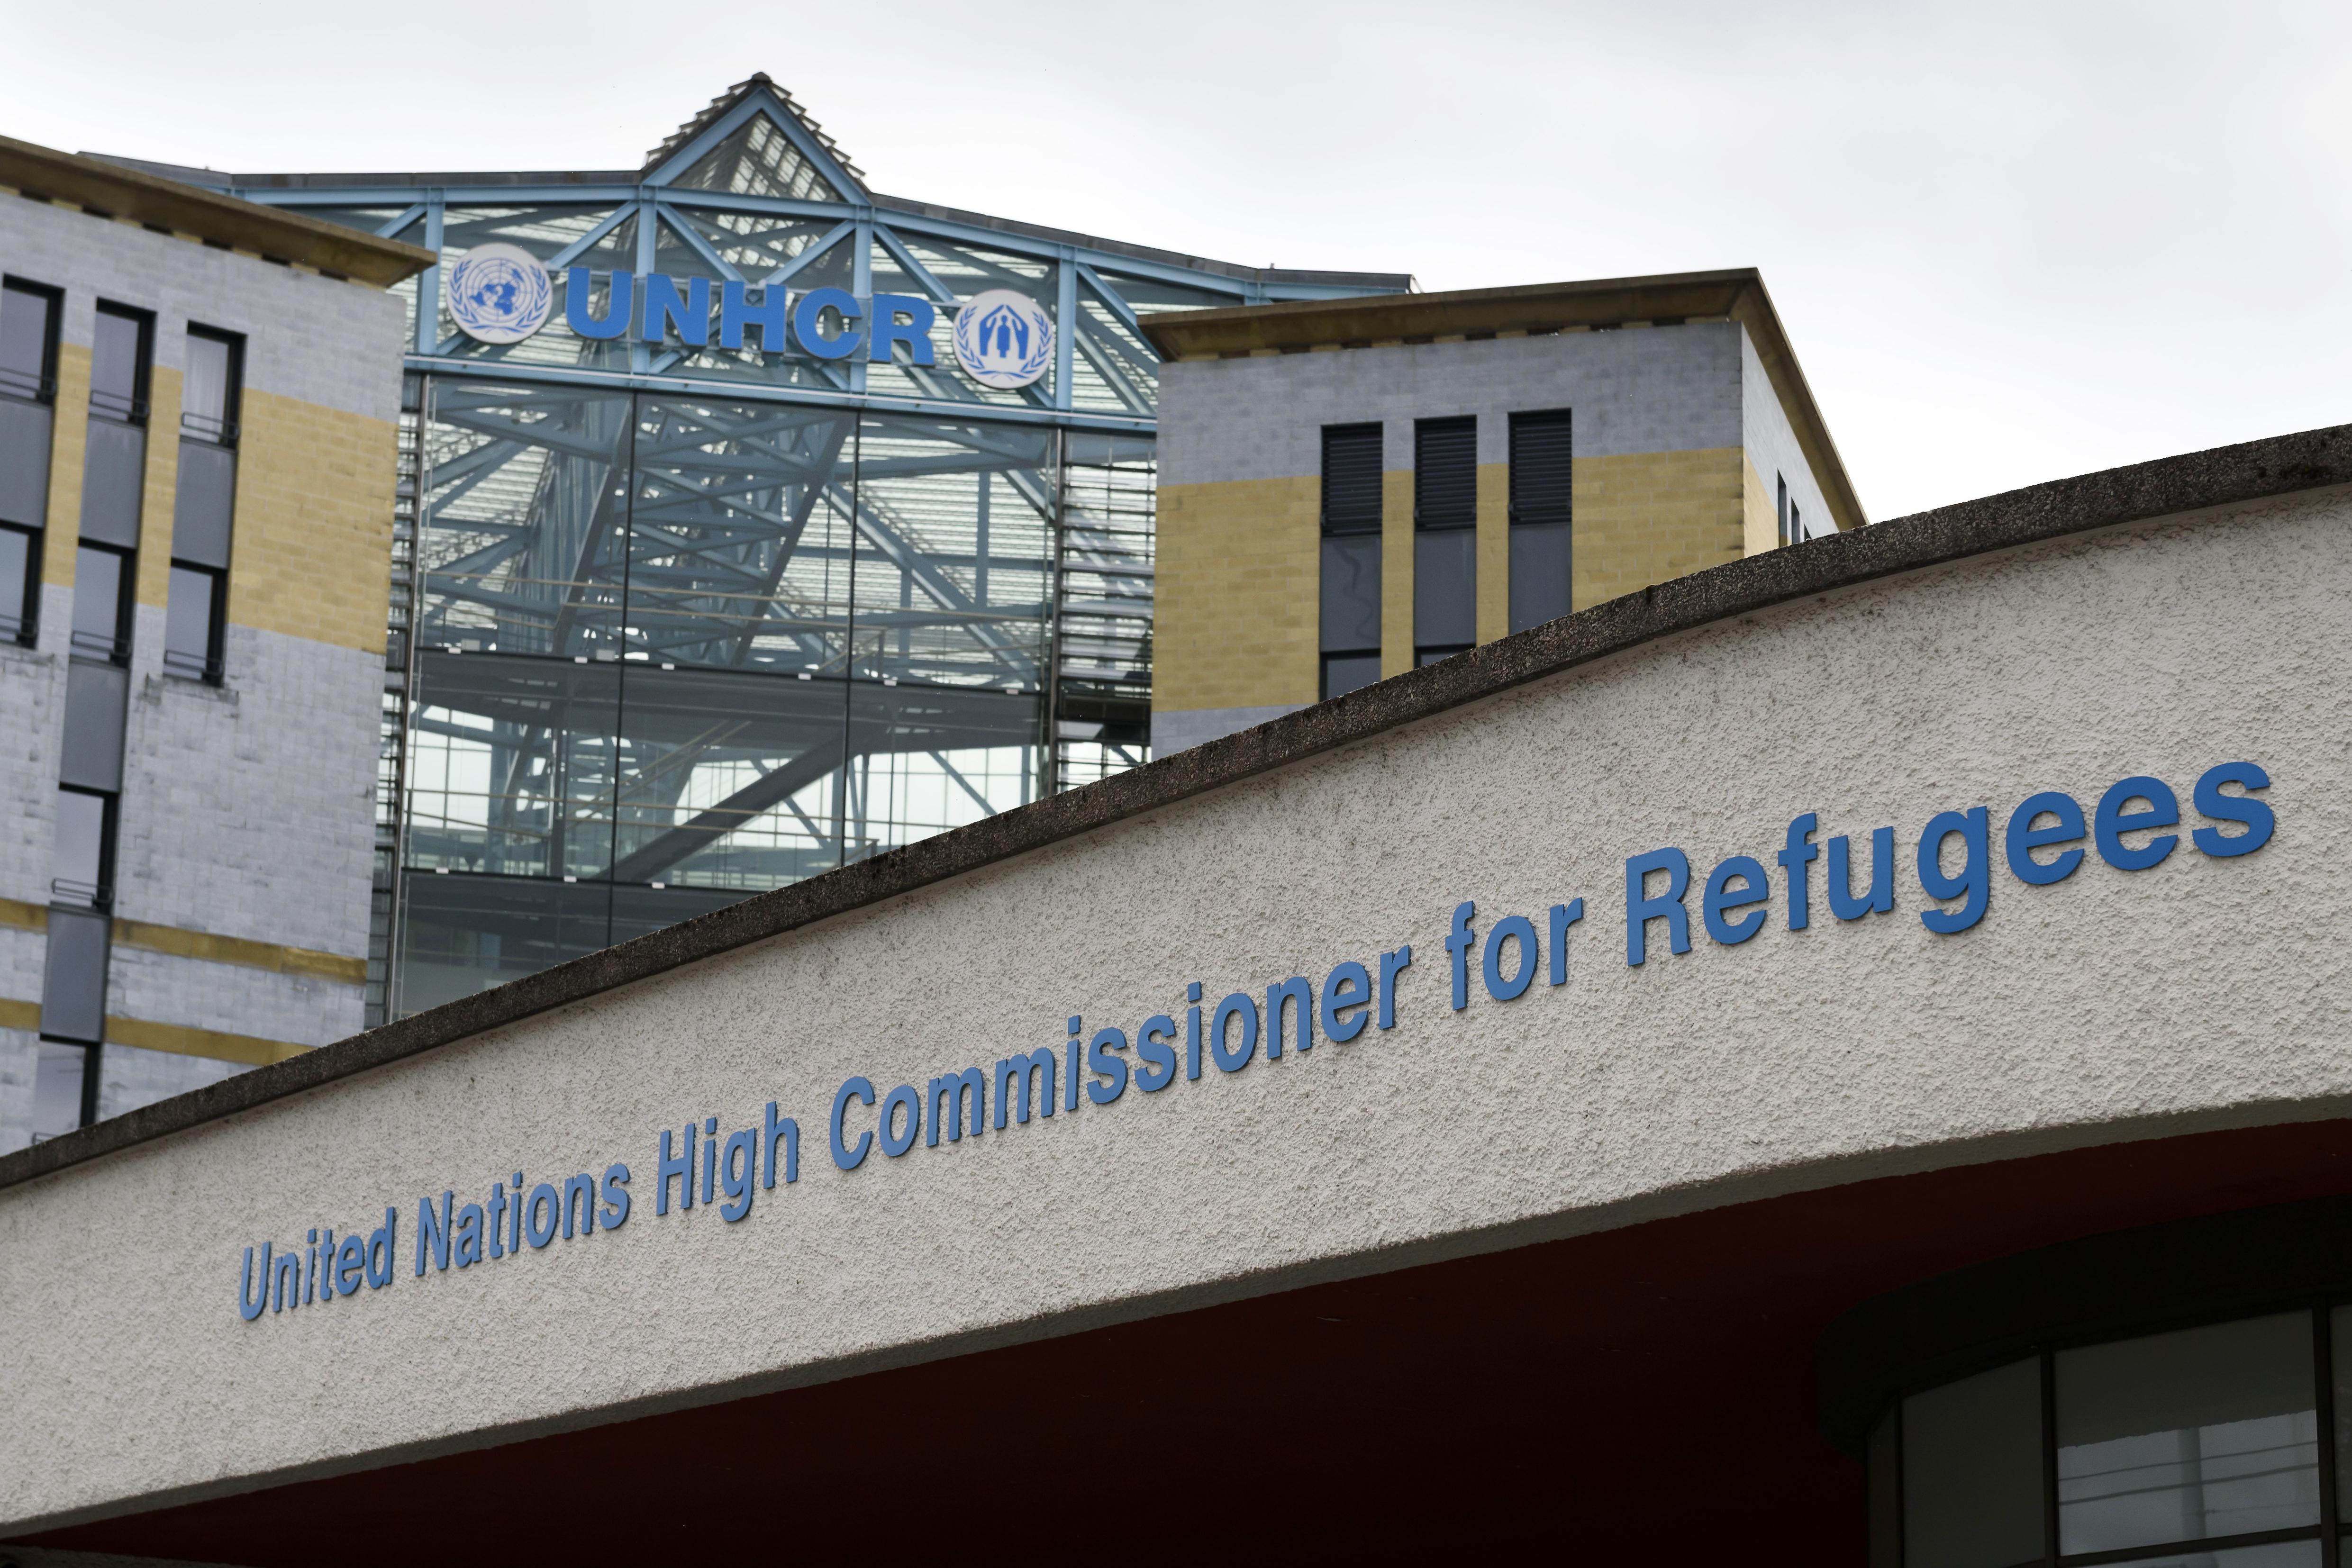 Felgyújtotta magát egy szíriai kurd férfi az ENSZ menekültügyi hivatala előtt Genfben